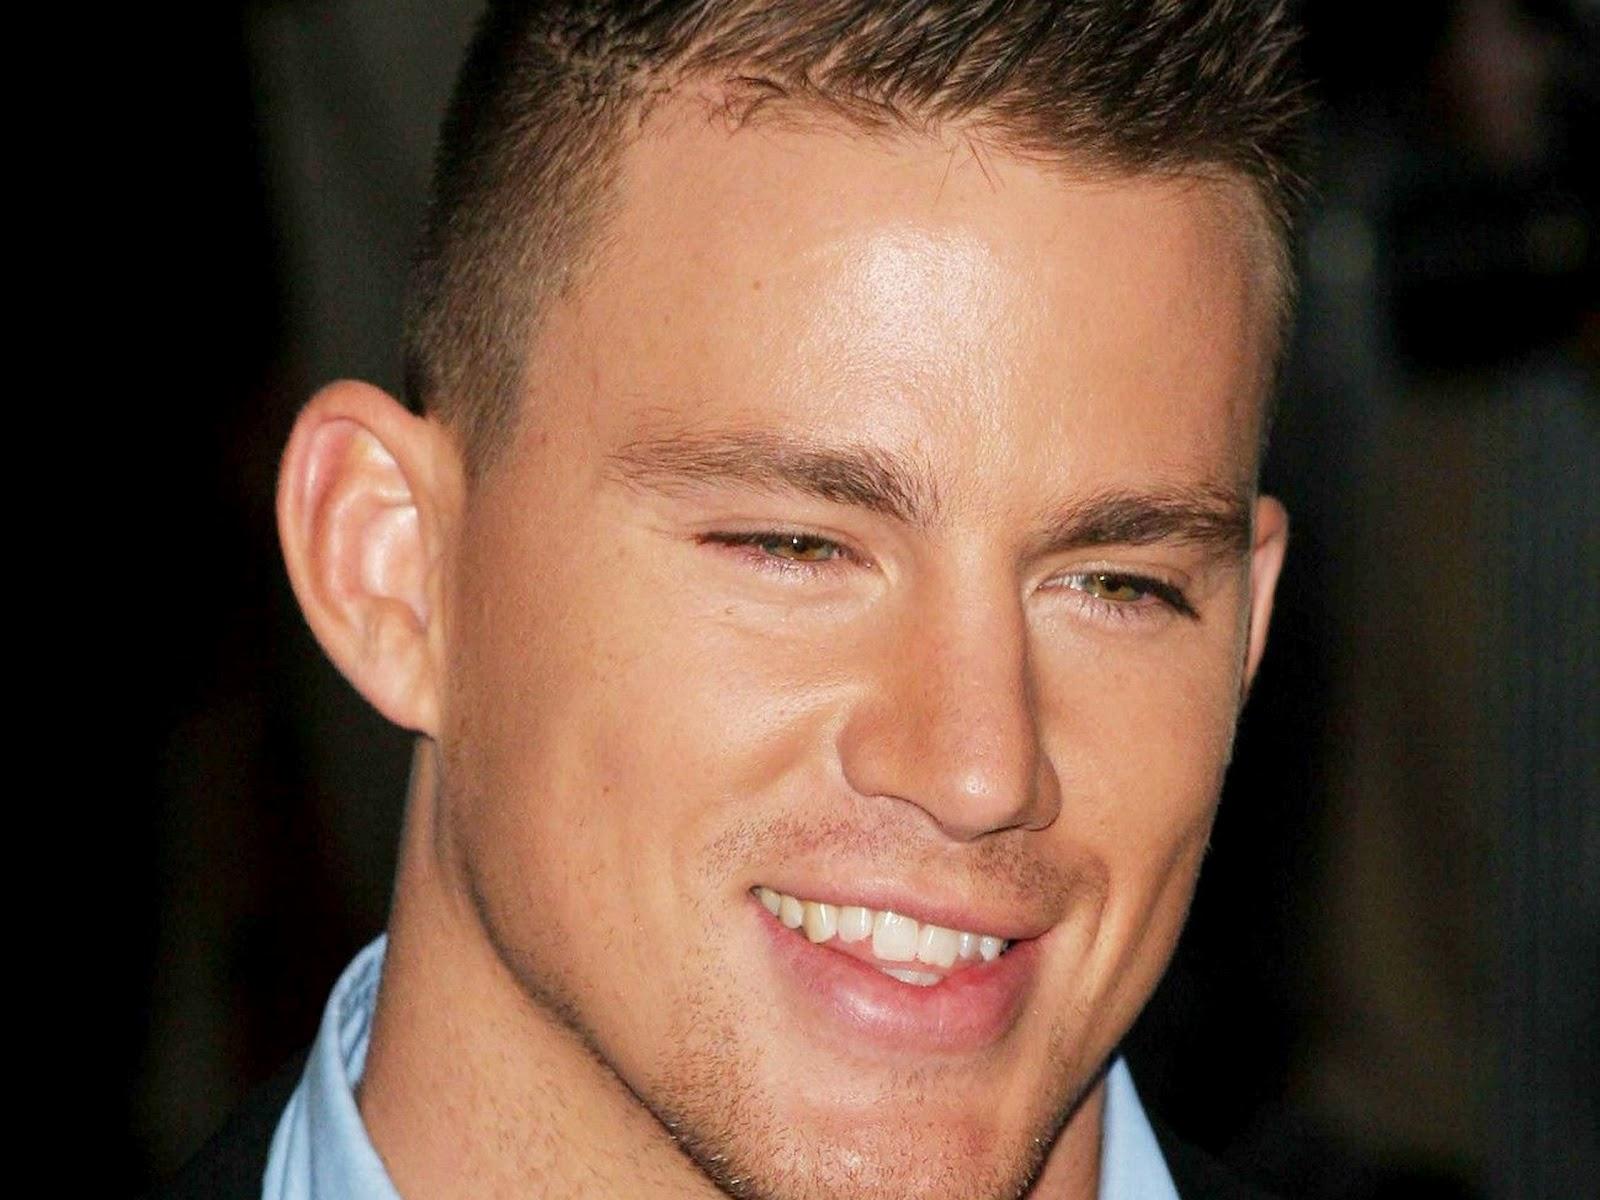 http://3.bp.blogspot.com/-W-HYU1bbRbI/T5lpDpgjBUI/AAAAAAAALd4/IeuhCBB6mtc/s1600/Channing+Tatum.jpg